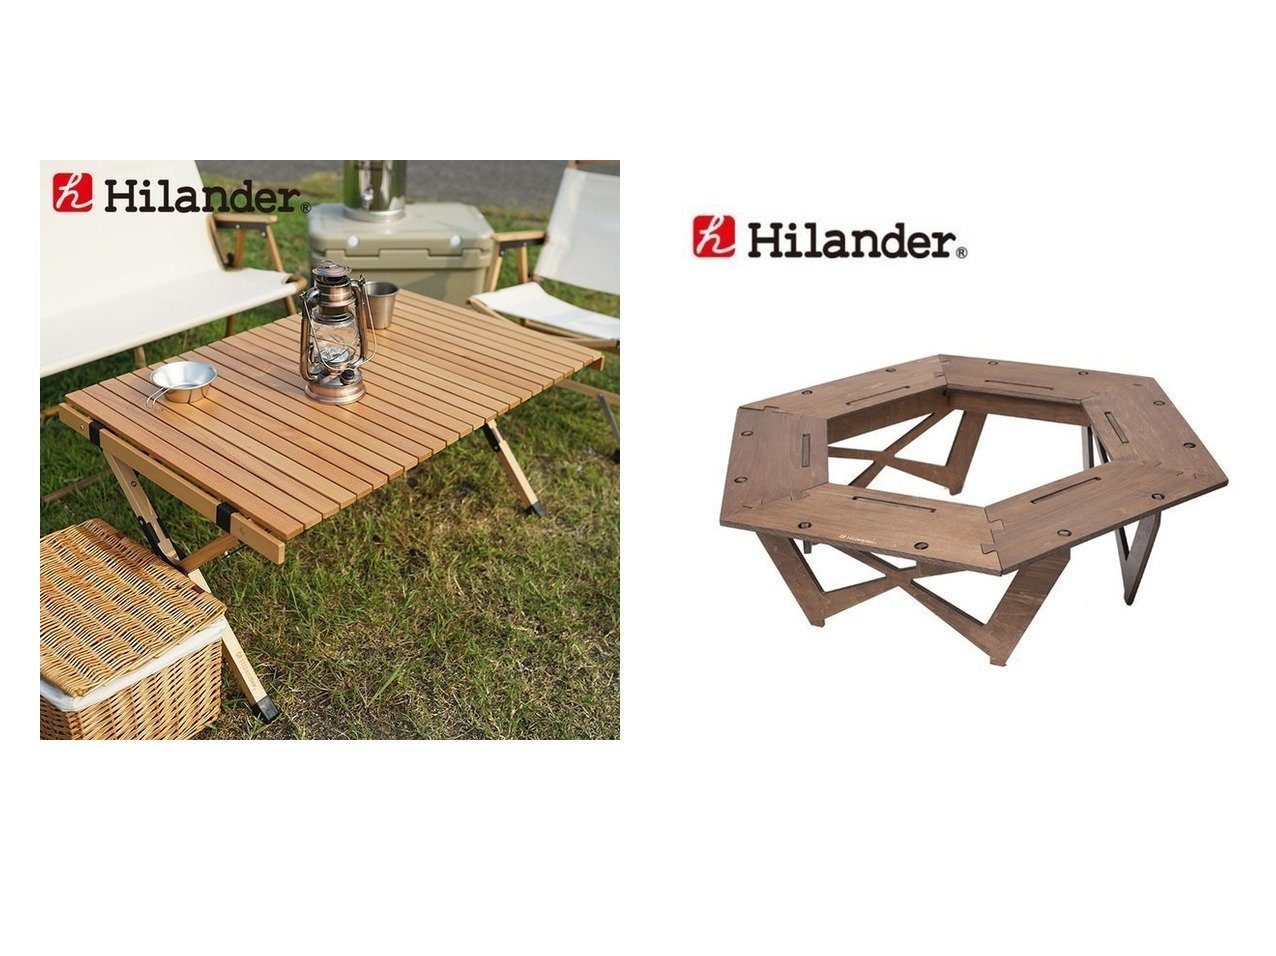 【Hilander/ハイランダー】のウッドロールトップテーブル2&プライウッドヘキサゴンテーブル 【アウトドアテーブル】おすすめ!人気キャンプ・アウトドア用品の通販 おすすめで人気の流行・トレンド、ファッションの通販商品 インテリア・家具・メンズファッション・キッズファッション・レディースファッション・服の通販 founy(ファニー) https://founy.com/ アウトドア キャップ スタンド テーブル ホーム・キャンプ・アウトドア Home,Garden,Outdoor,Camping Gear キャンプ用品・アウトドア  Camping Gear & Outdoor Supplies チェア テーブル Camp Chairs, Camping Tables ホーム・キャンプ・アウトドア Home,Garden,Outdoor,Camping Gear キャンプ用品・アウトドア  Camping Gear & Outdoor Supplies バーナー グリル Burner, Grill ホーム・キャンプ・アウトドア Home,Garden,Outdoor,Camping Gear キャンプ用品・アウトドア  Camping Gear & Outdoor Supplies 焚火台 ヒーター Bonfire stand, heater |ID:crp329100000050820